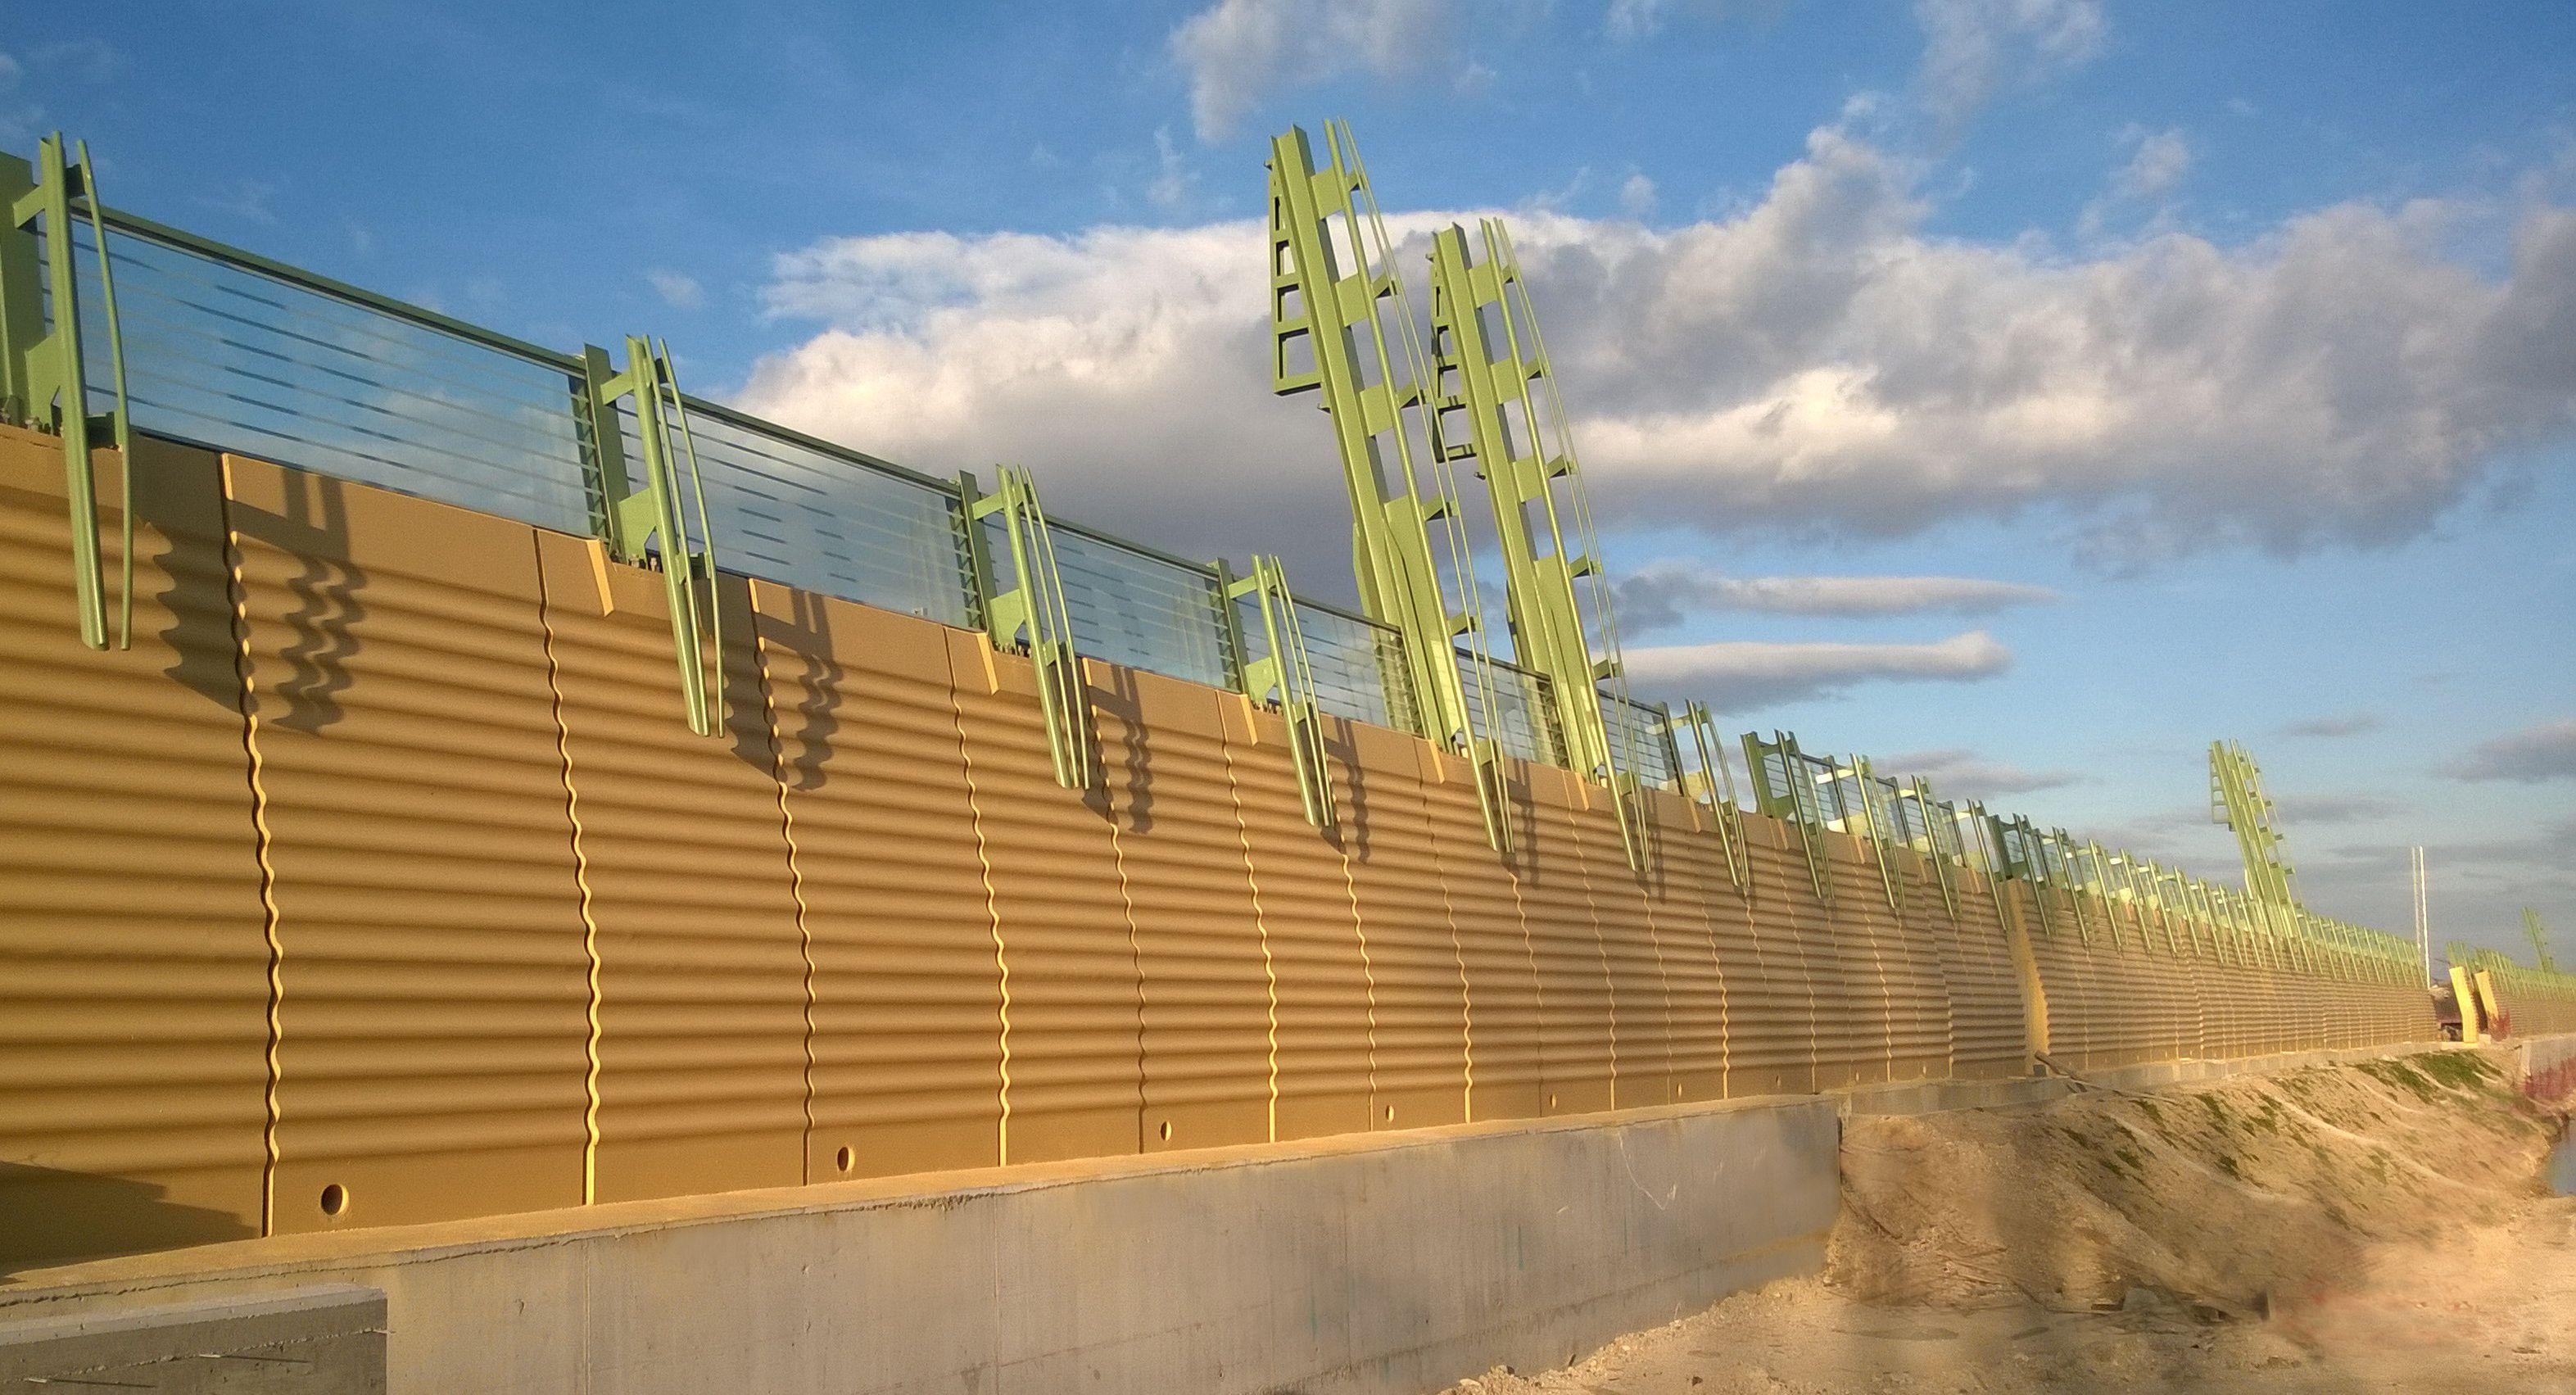 Nuova barriera antirumore ferroviaria con tipologico CIR HS in calcestruzzo e vetro stratificato